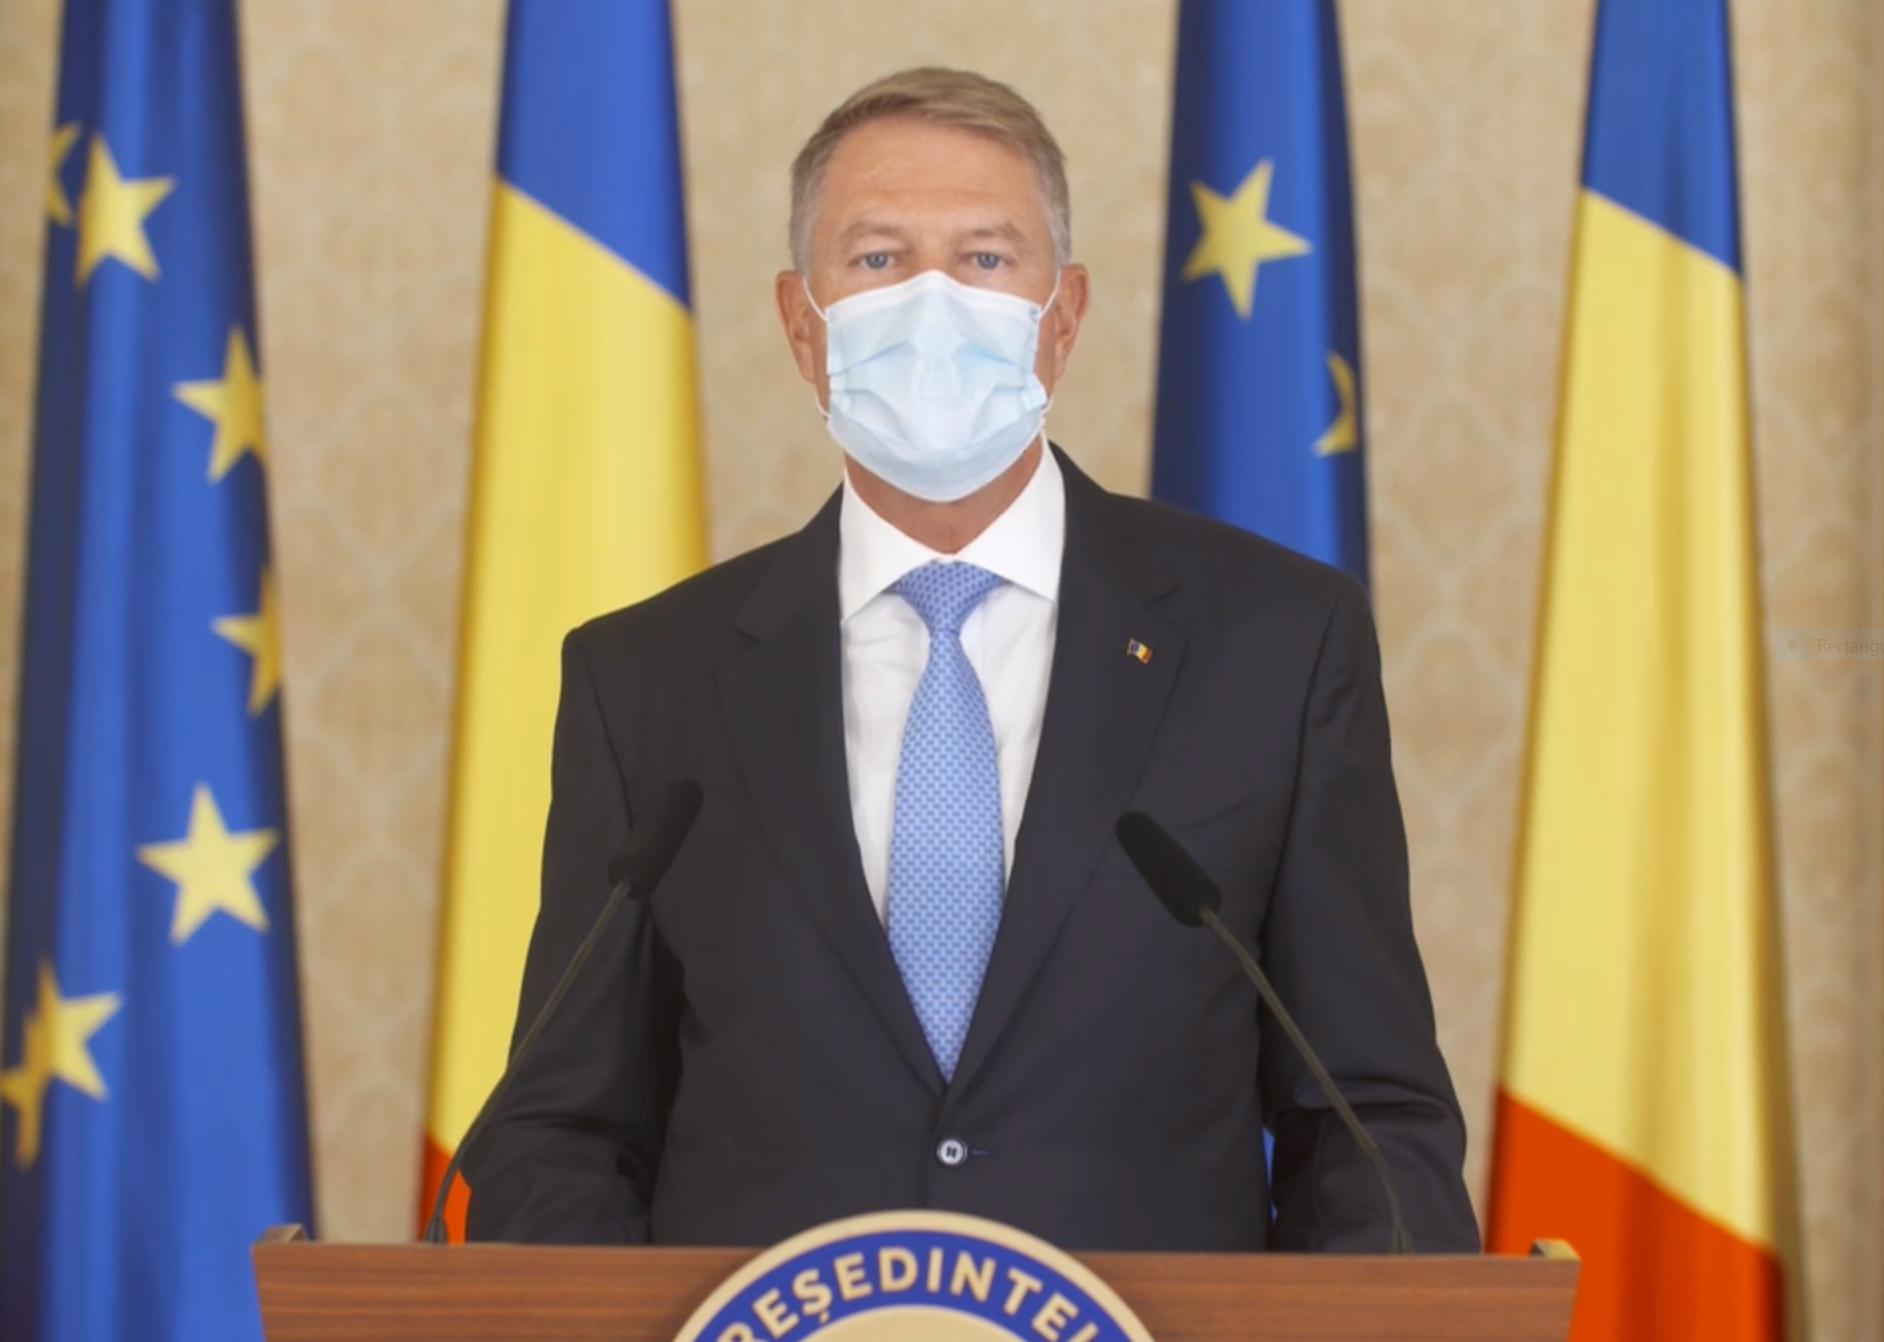 Iohannis: Stoparea pandemiei de COVID-19 depinde şi de modul de răspuns al oraşelor